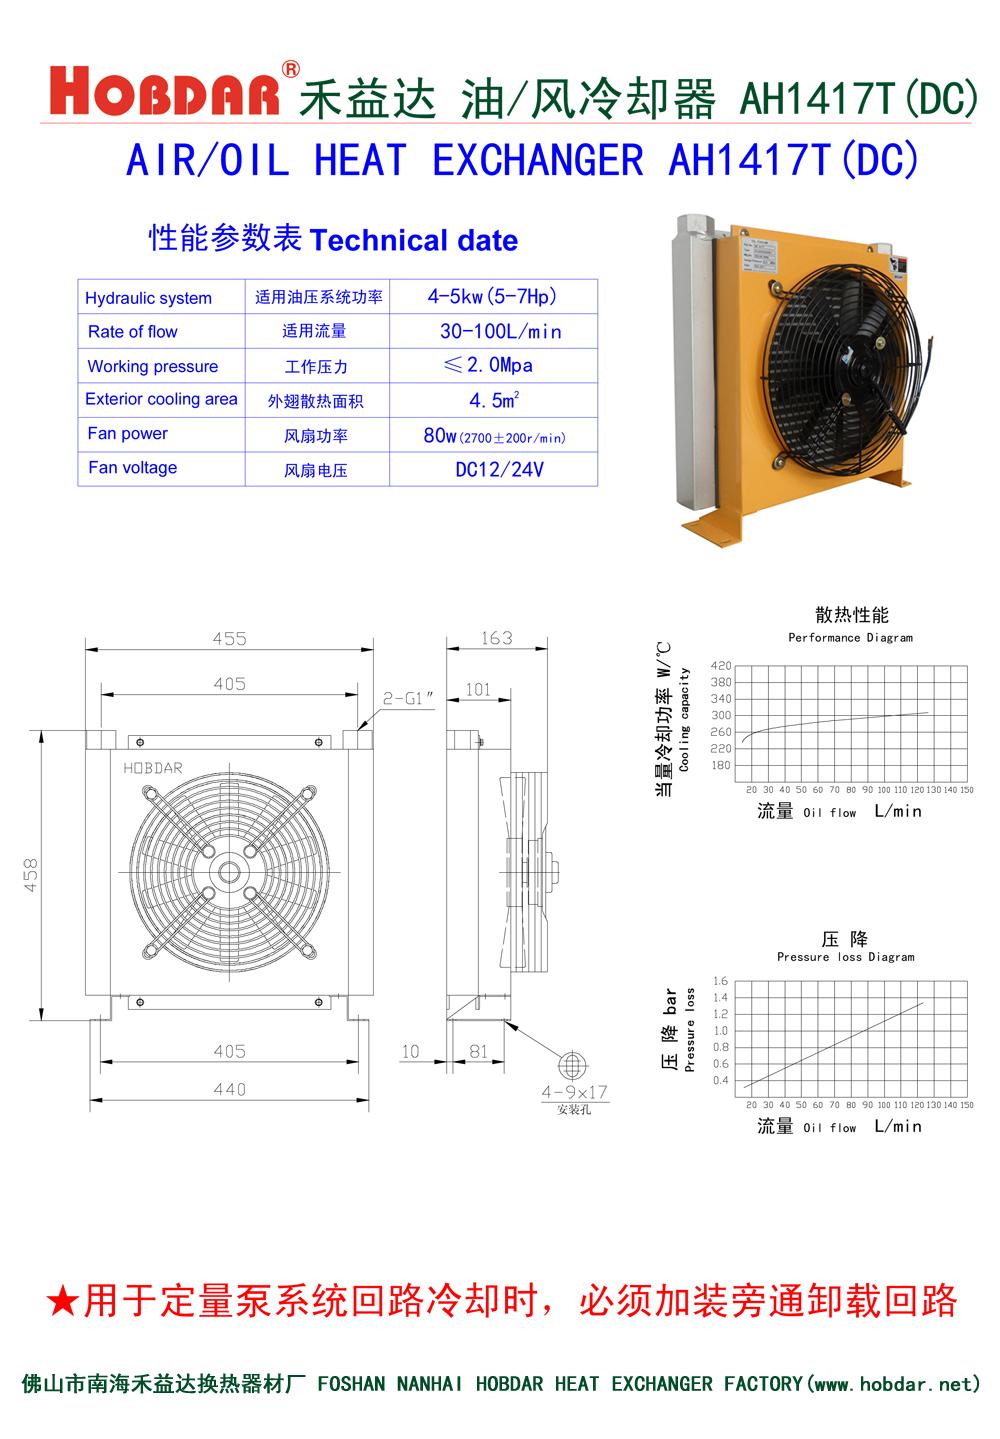 高起点技术创新型生产厂家风冷式油冷却器 研发标杆企业